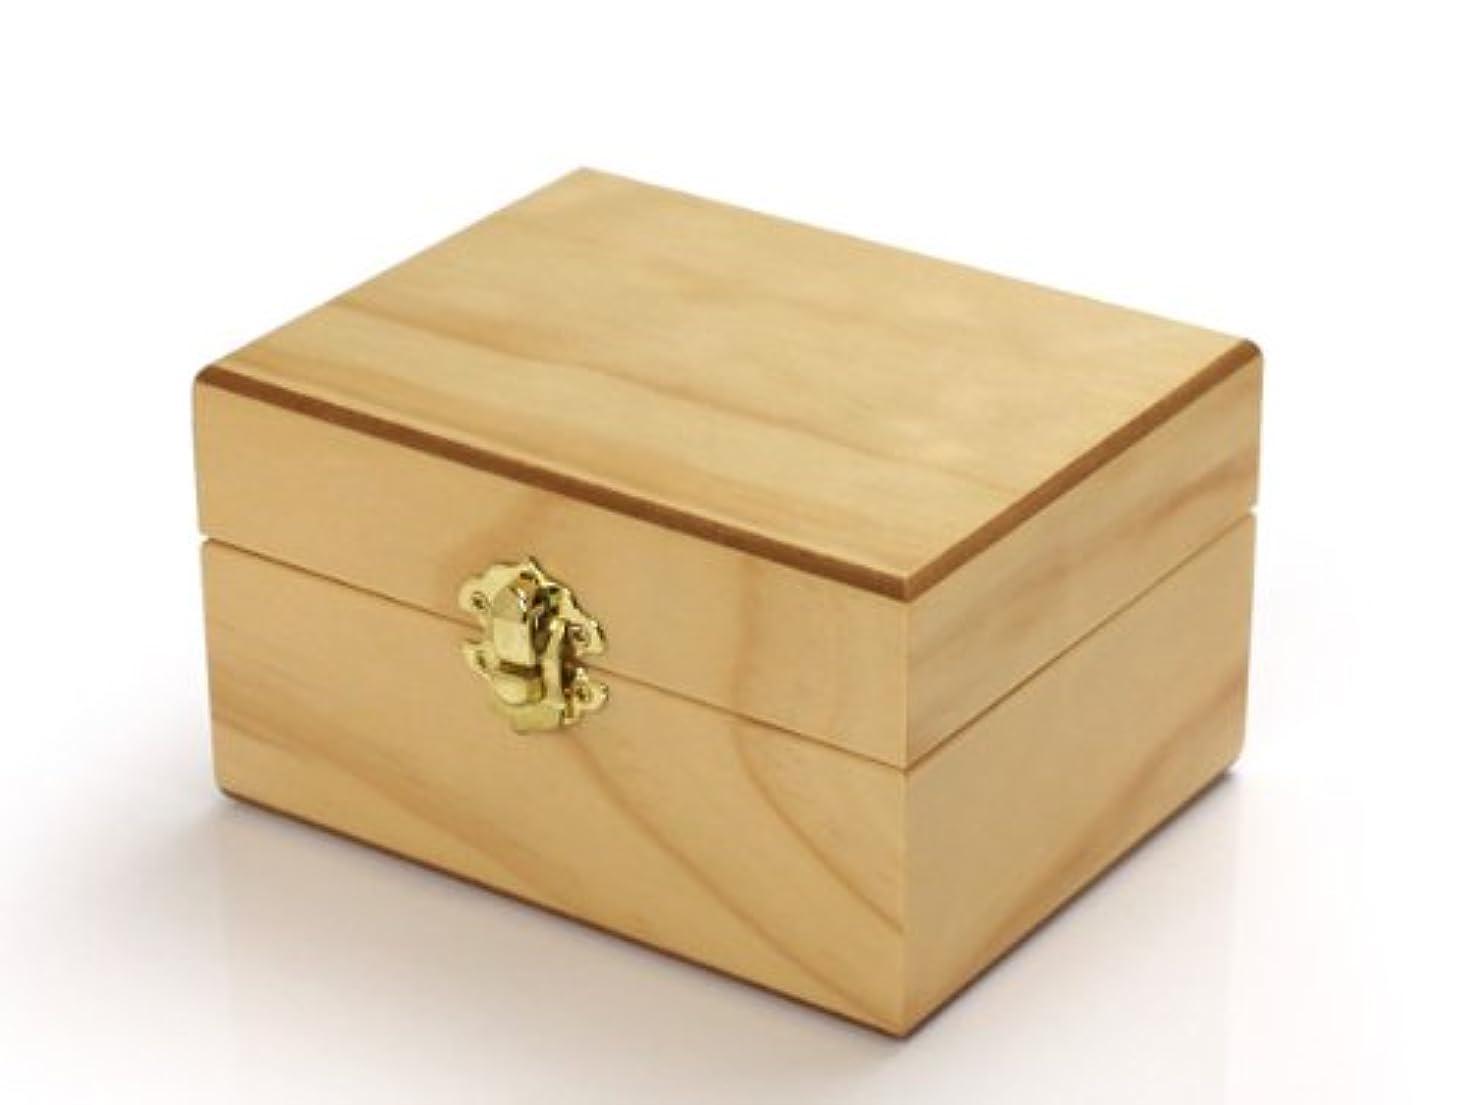 指定するうなる疑問を超えてエッセンシャルオイル収納ボックス 12本用